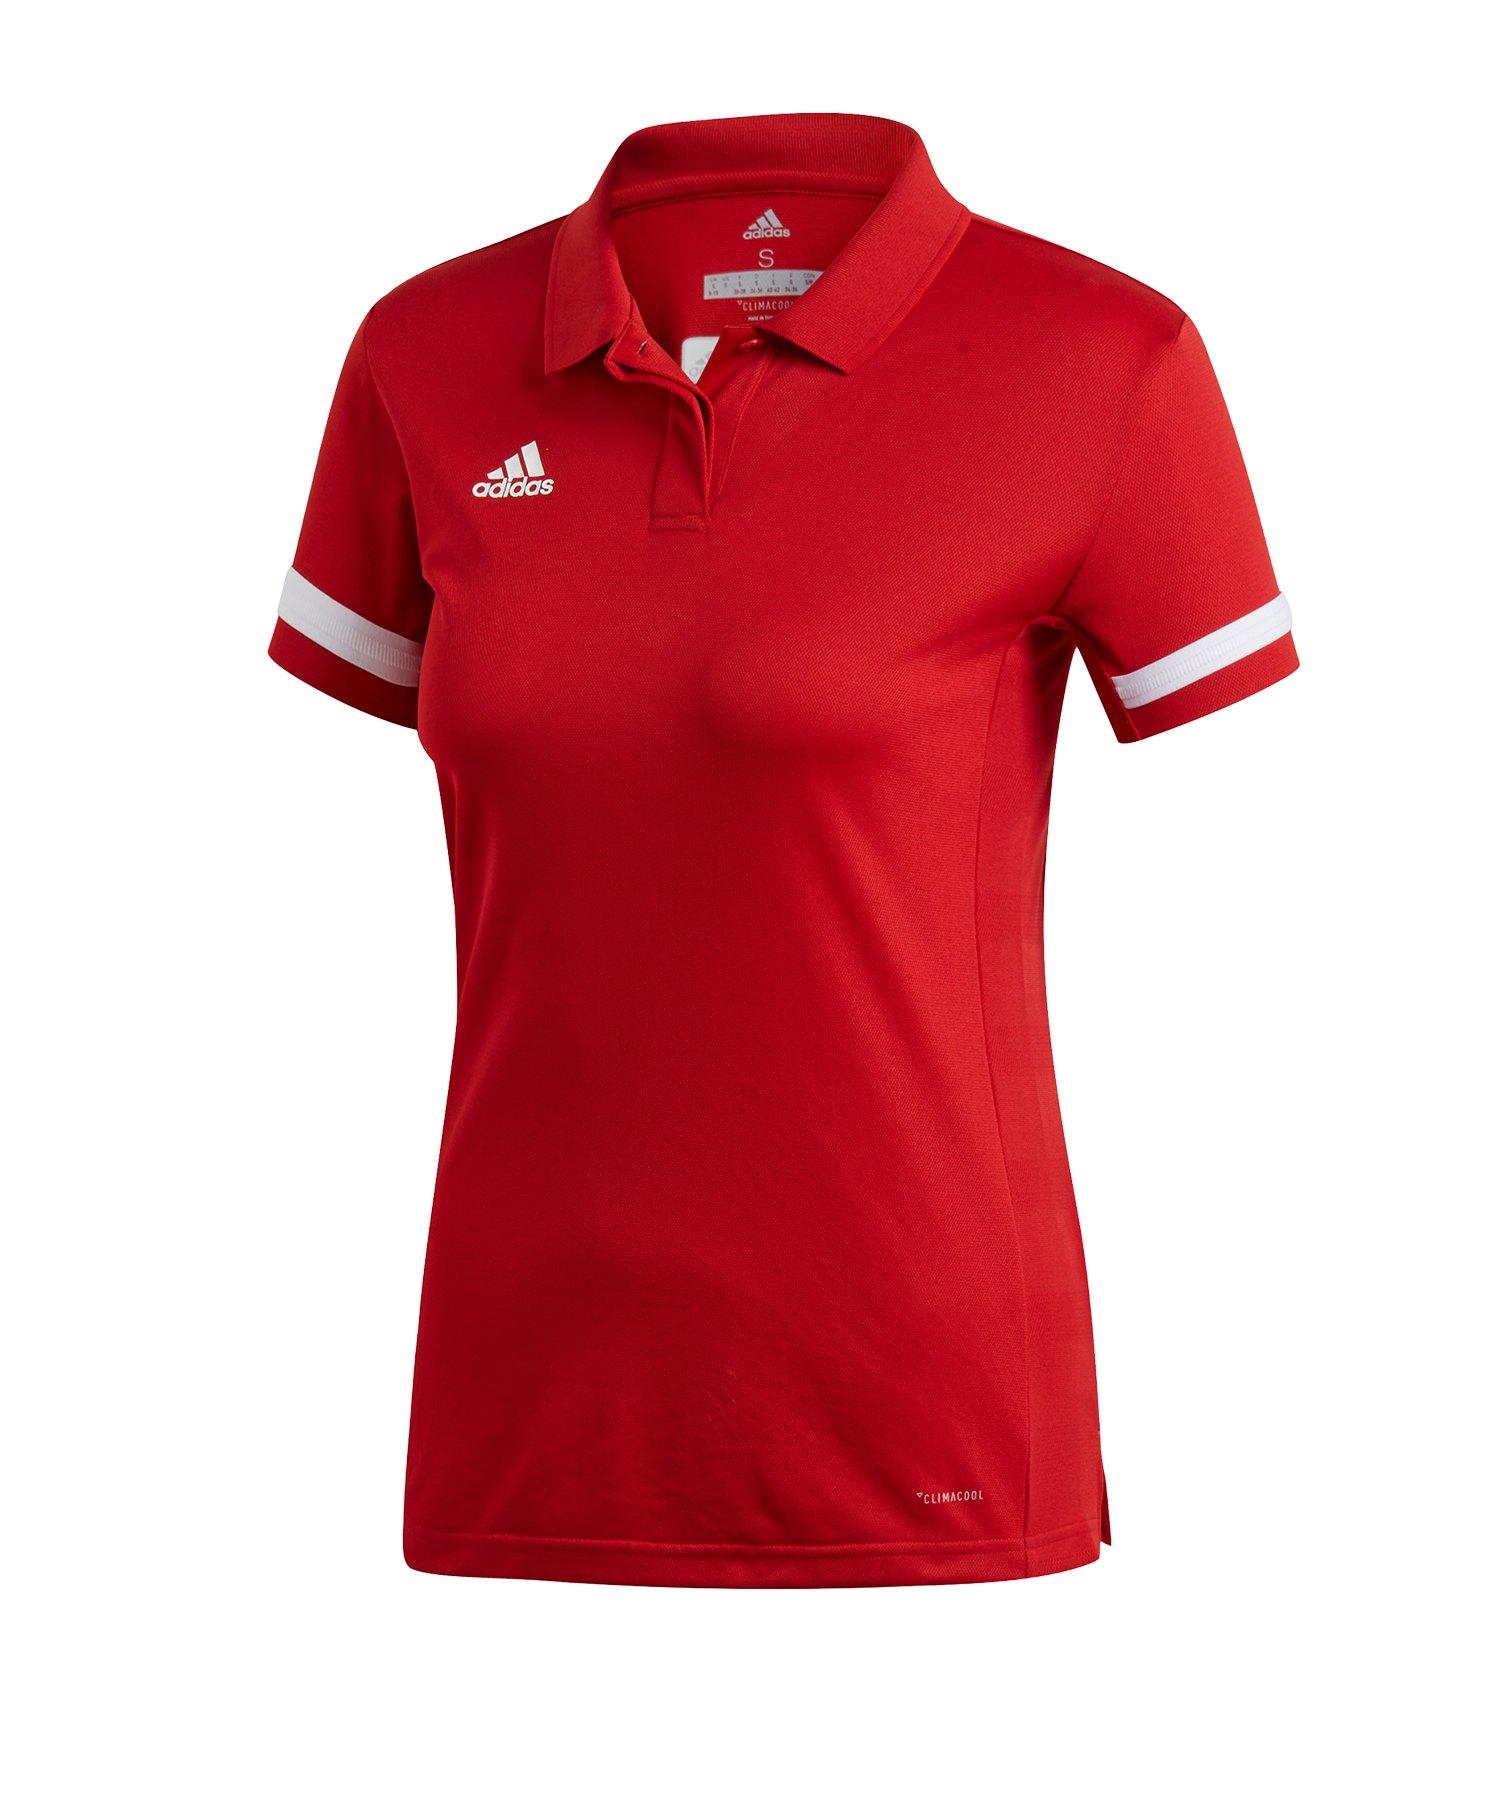 adidas Team 19 Poloshirt Damen Rot Weiss - rot